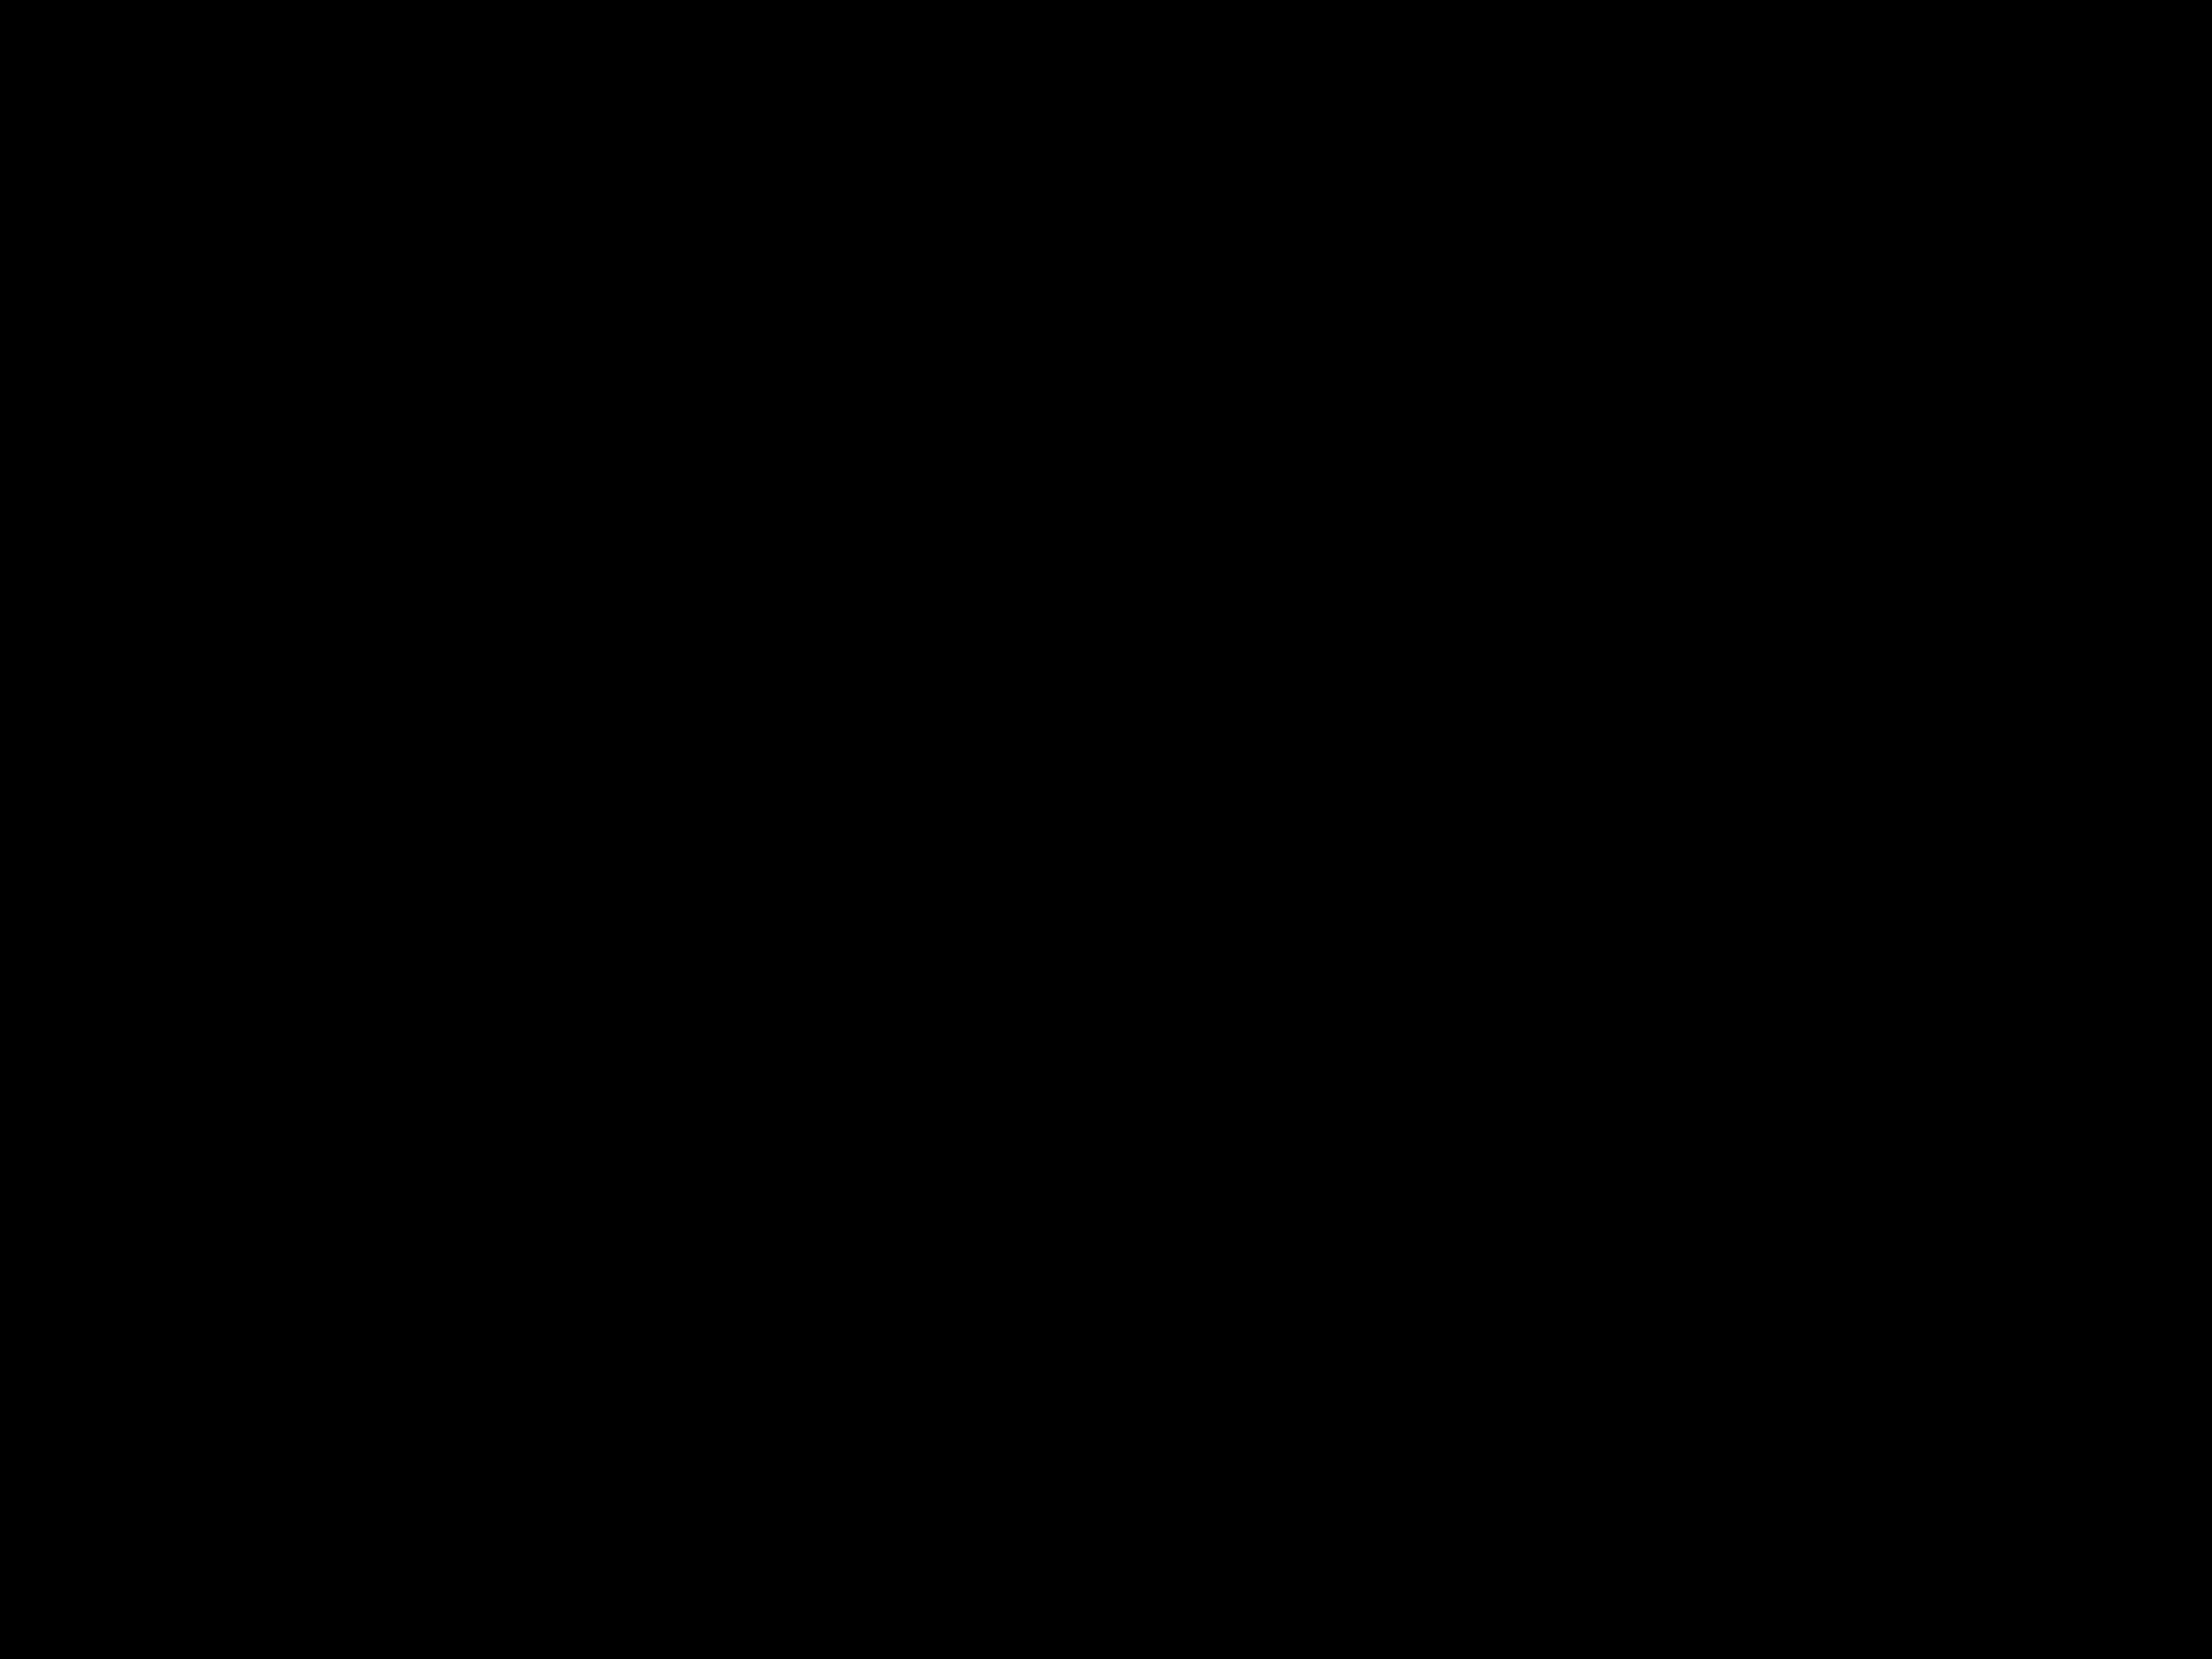 Zocon mechanische heftruck schuif 270